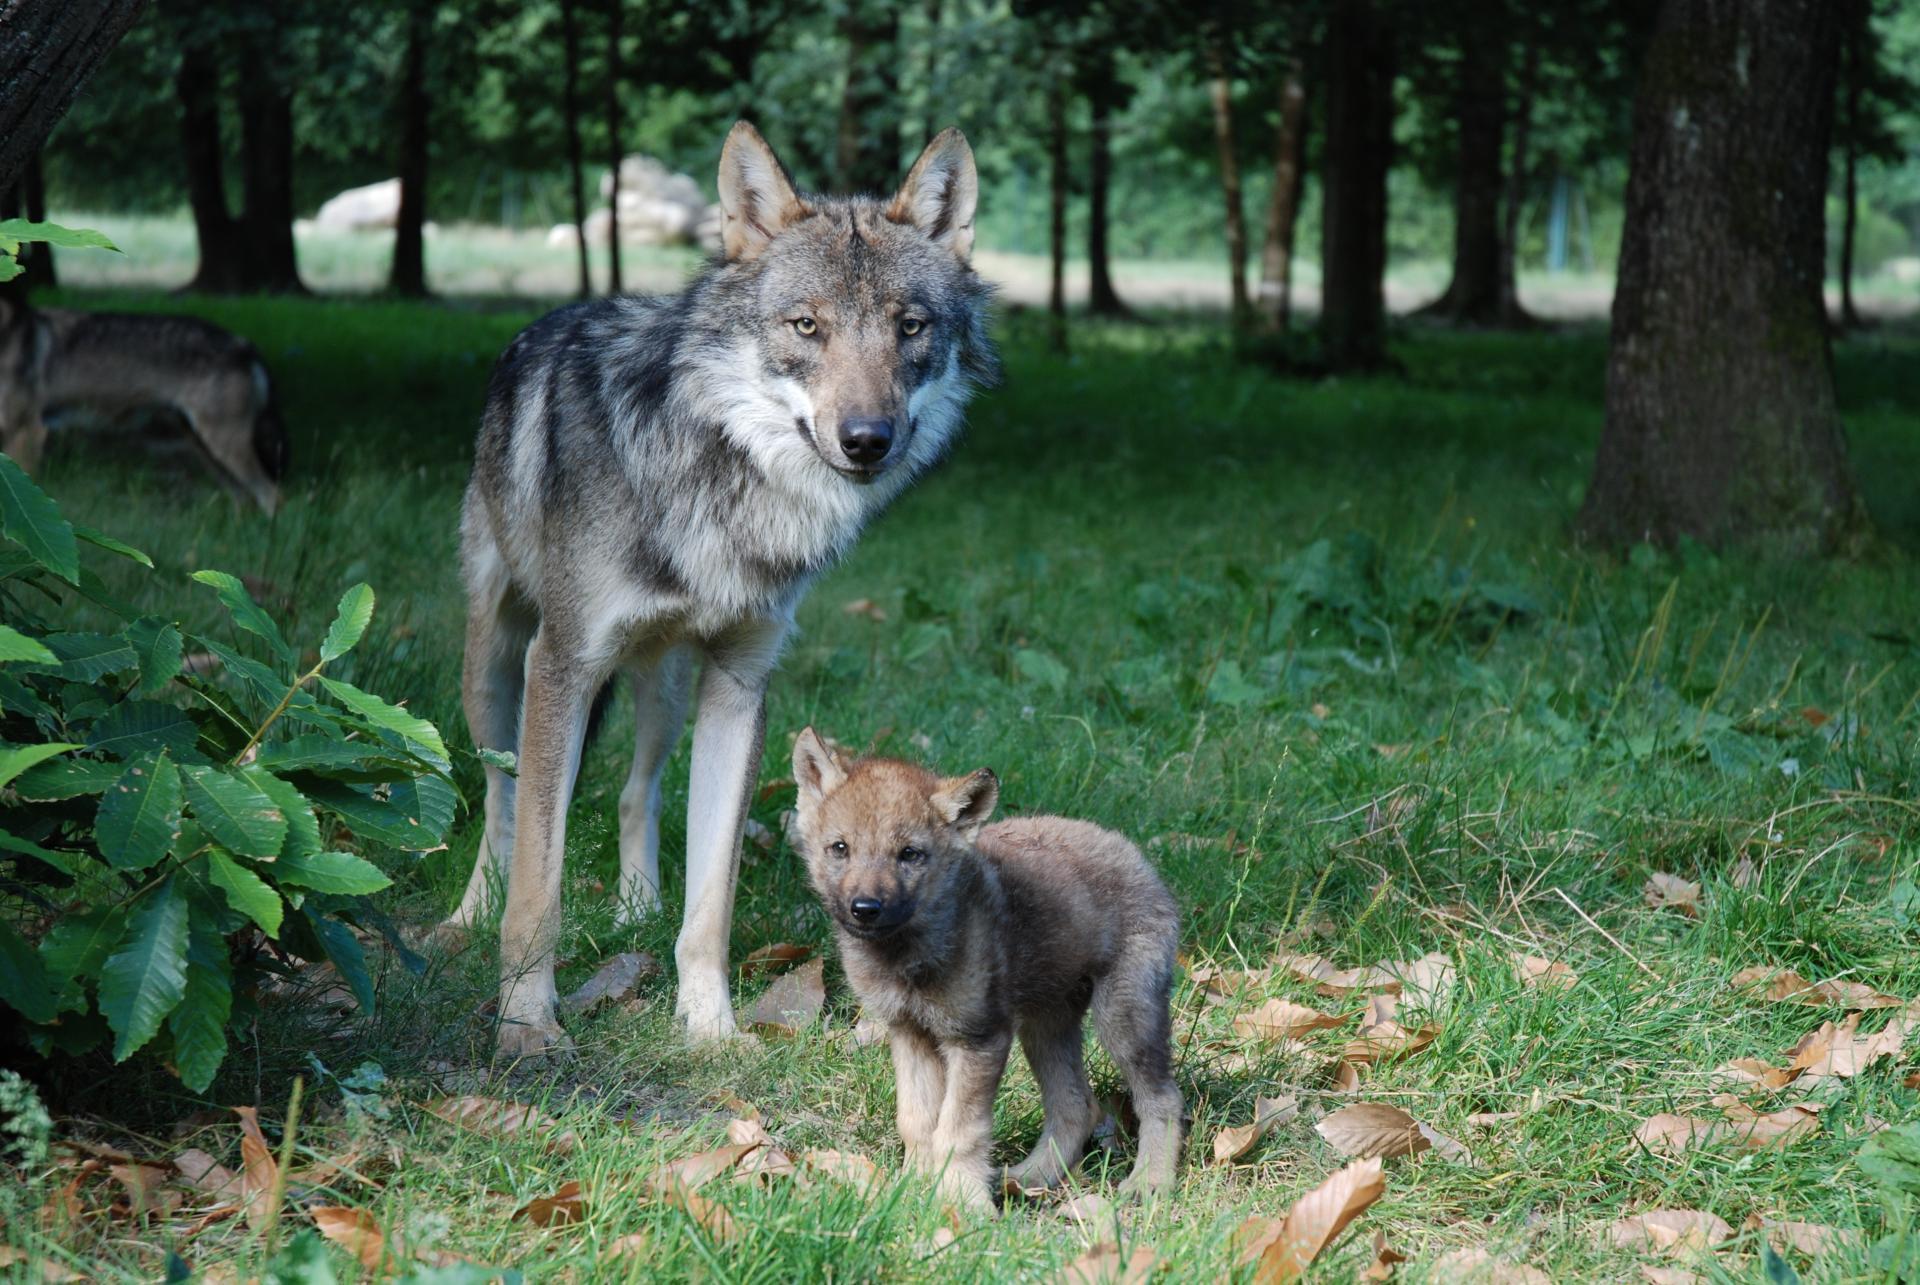 Loup europe c mnhn patrick roux